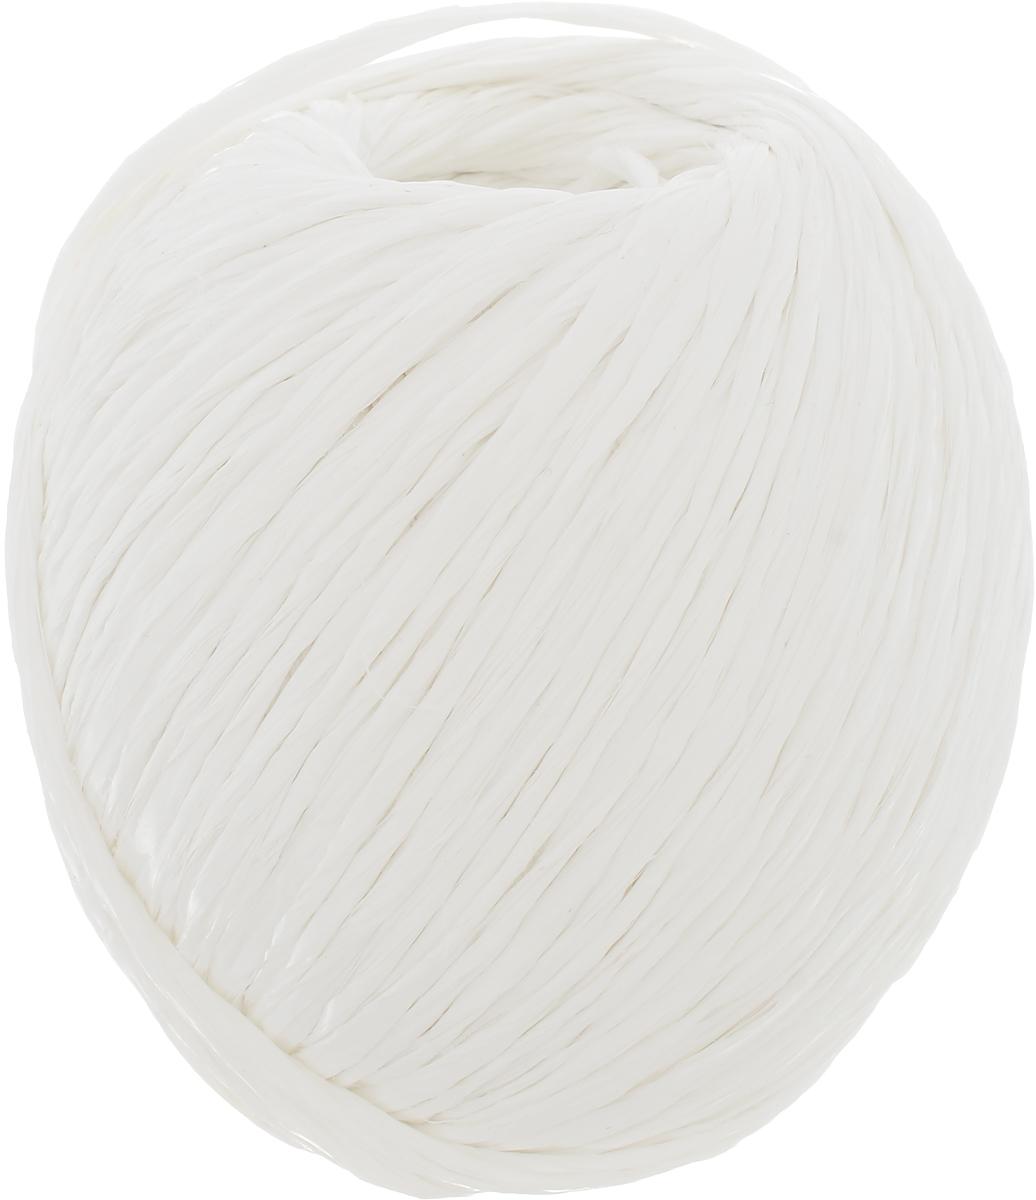 Шпагат Шнурком, цвет: белый, длина 100 мШпп_100Полипропиленовый шпагат Шнурком плотностью 1000 текс входит в категорию веревочной продукции, сырьем для которой являются синтетические волокна, в частности полипропиленовая нить. Данный материал характеризуется высокой прочностью и стойкостью к износу. Кроме того, он эластичен, гибок, не боится многократных изгибов, плотно облегает изделие при обвязке и легко завязывается в крепкие узлы.Относительная удельная плотность полипропиленовых шпагатов варьируется от 0,70 до 0,91 кг/м3.Температура плавления от 150 до 170°C (в зависимости от вида и модели шпагата).Удлинение под предельной нагрузкой (18-20%). Длина шпагата: 100 м.Толщина нити: 2 мм.Линейная плотность шпагата: 1000 текс.